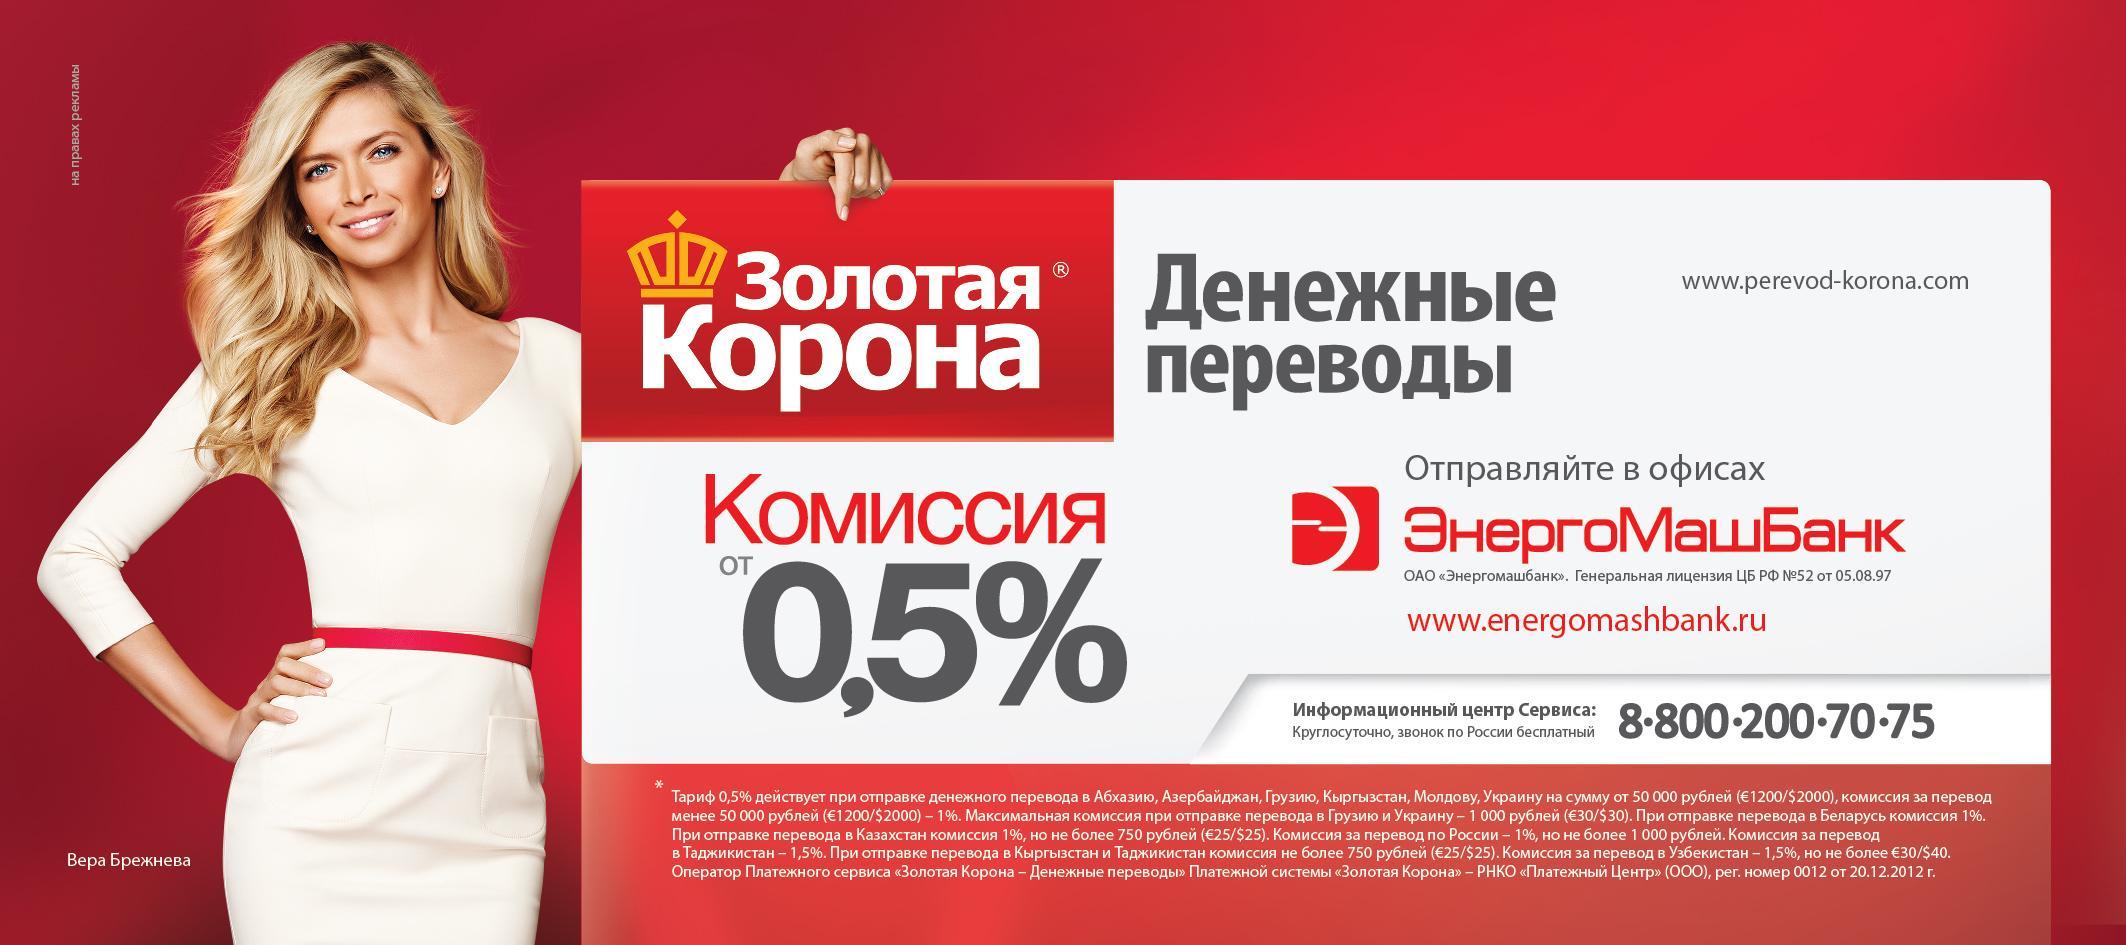 Где заработать 1000 рублей в день? Как заработать 1000